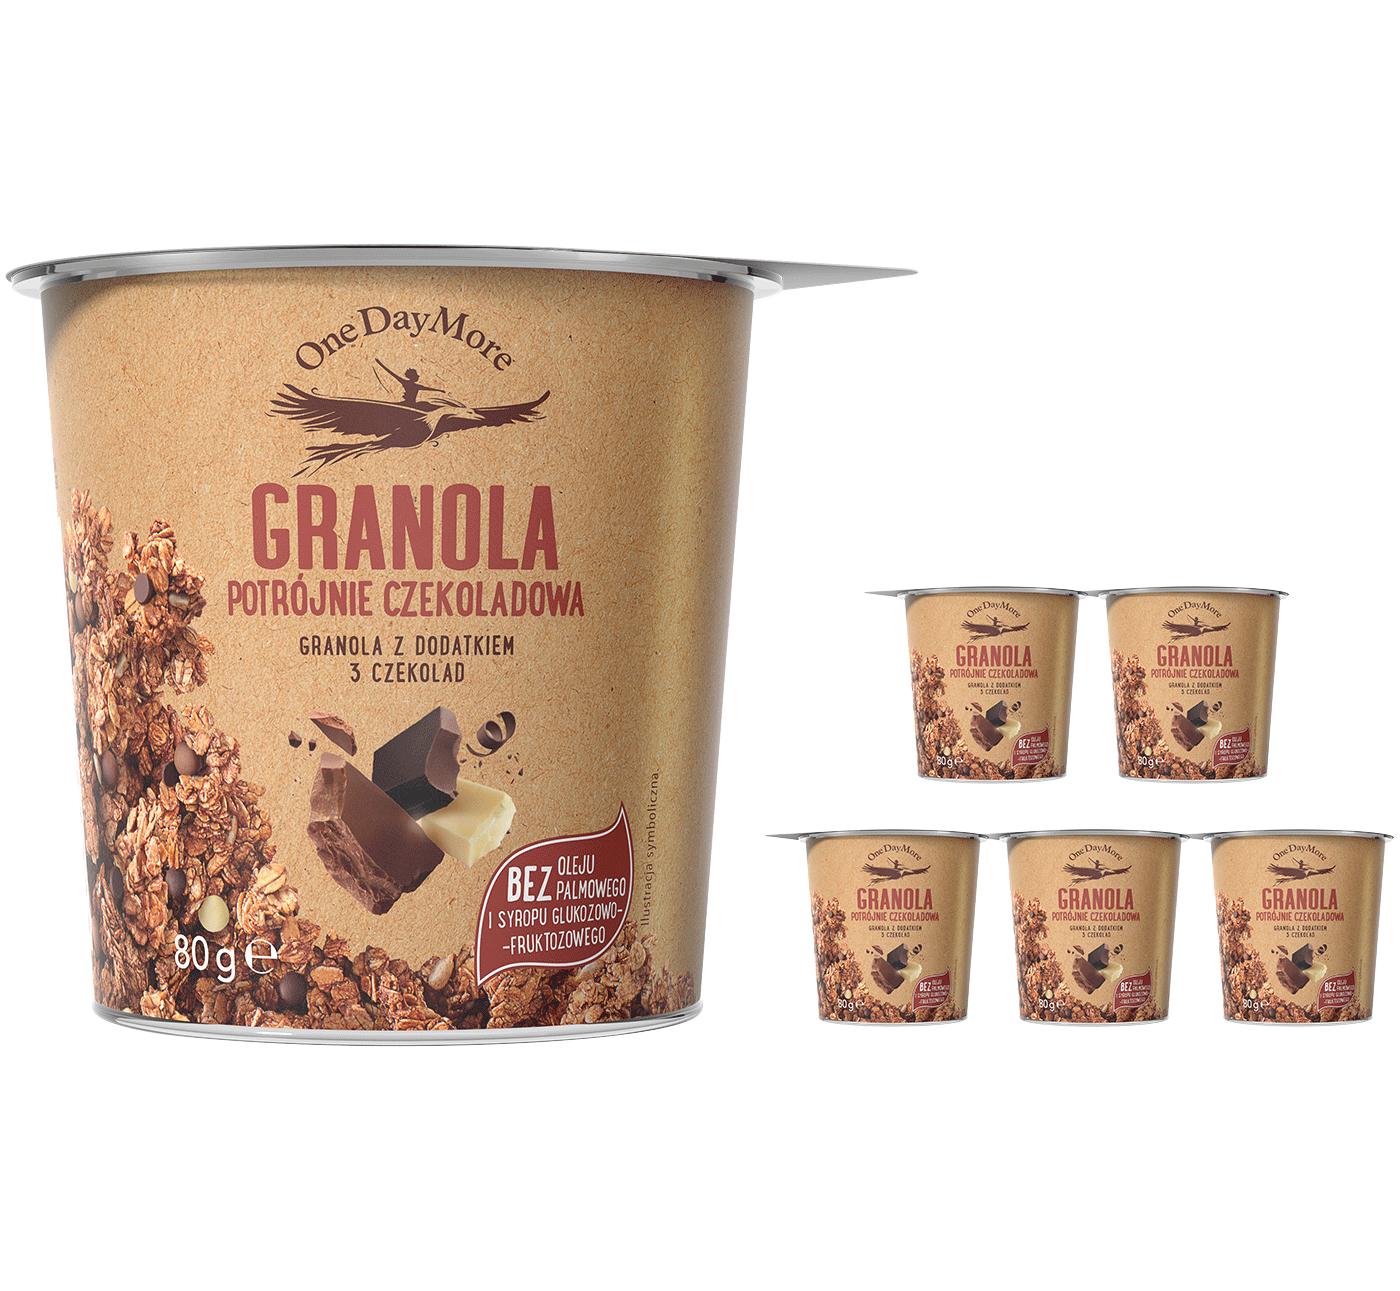 granola-potrojnie-czekoladowa-zestaw-kubkow-przod-onedaymore-1400×1291